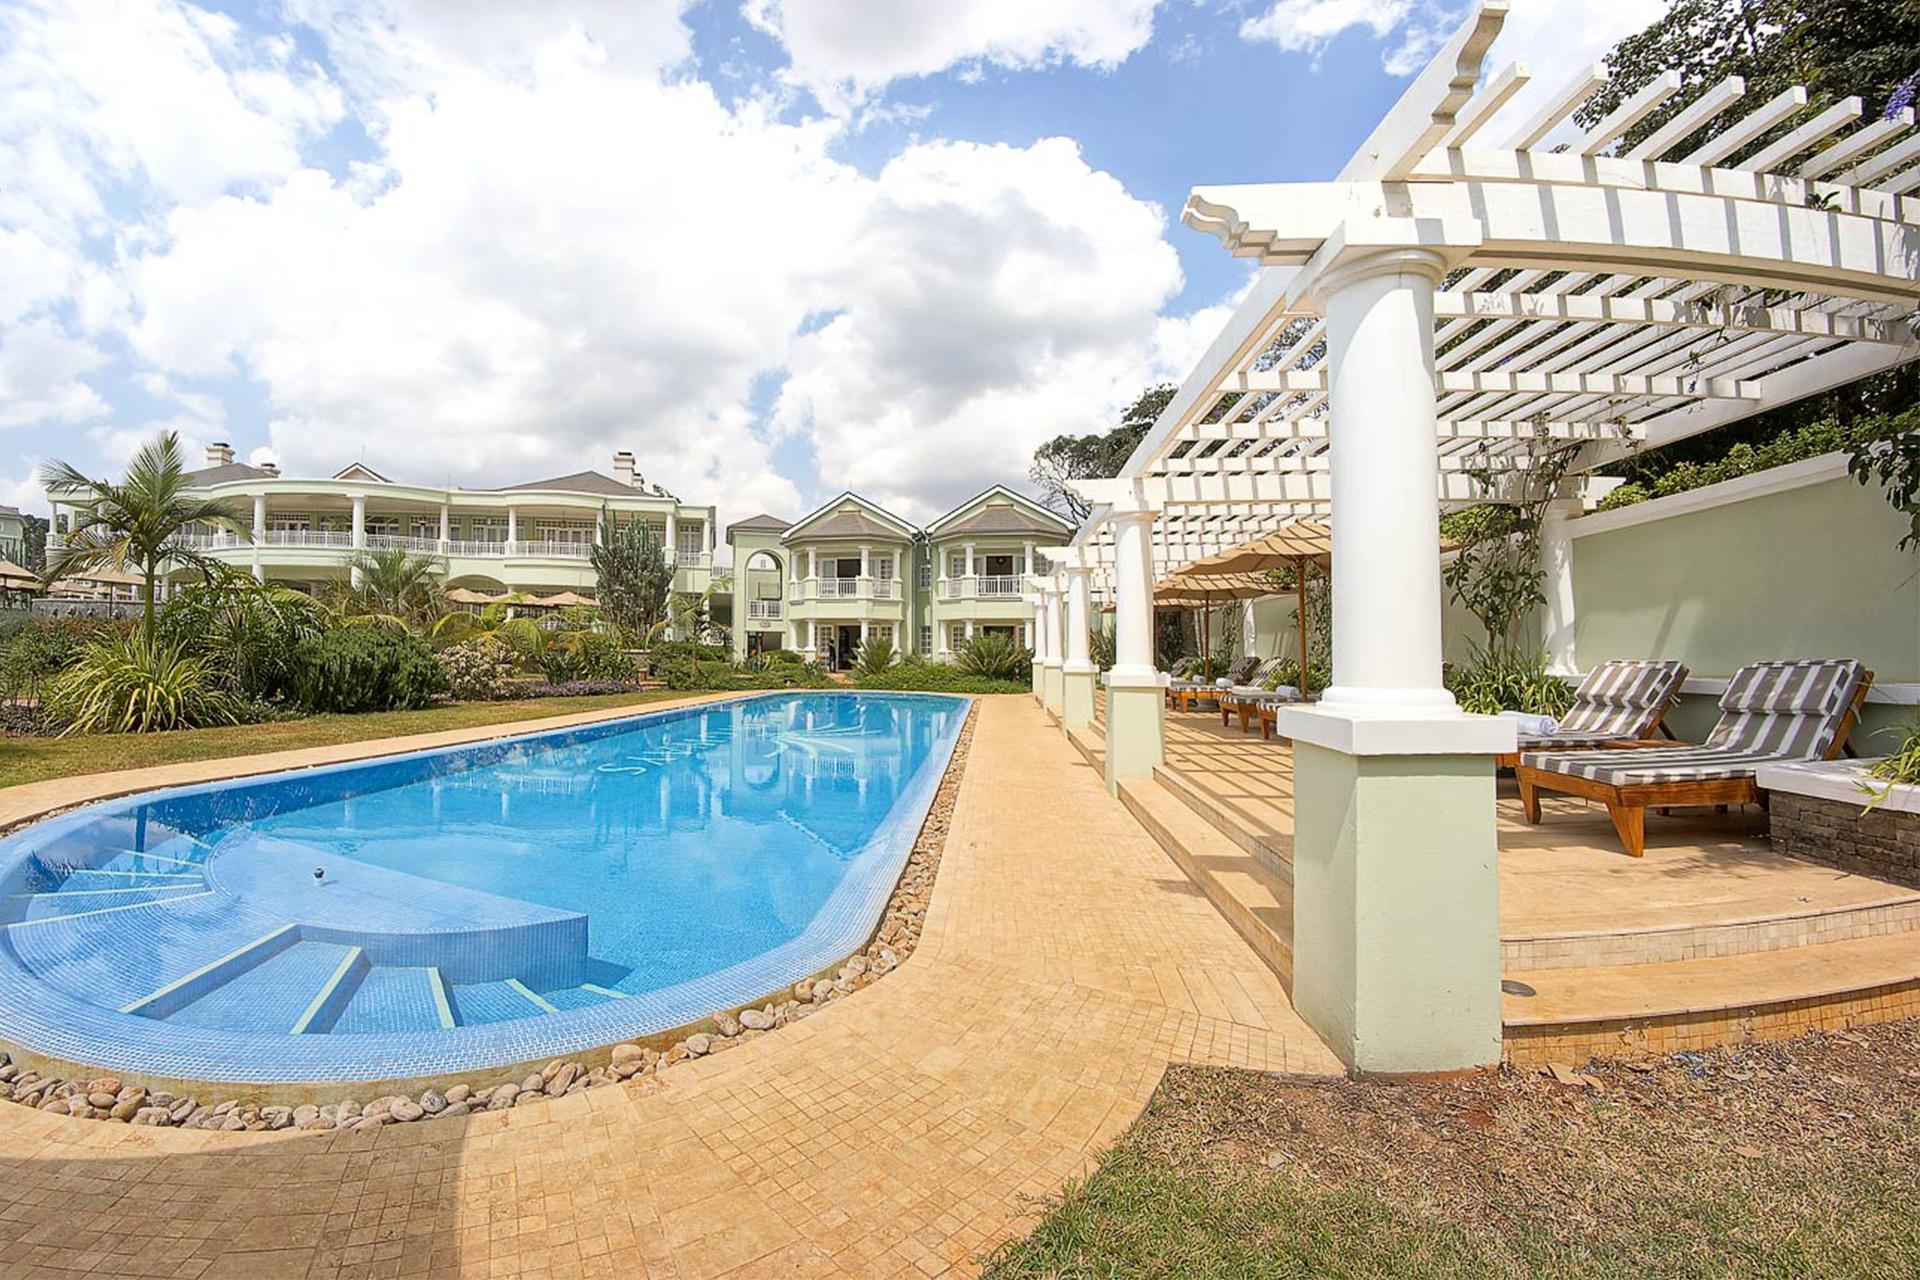 Nairobi_Hotel2